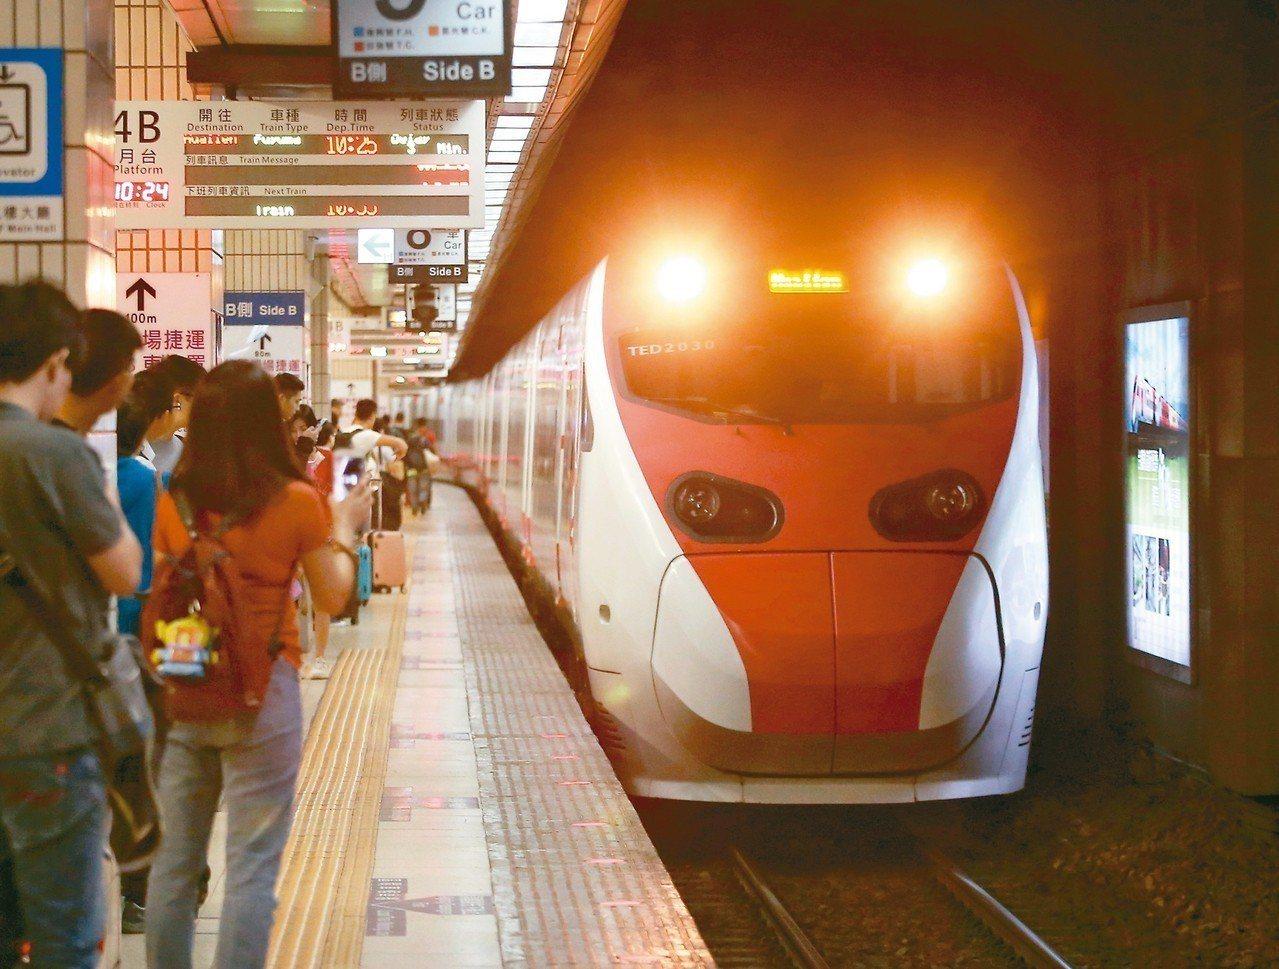 普悠瑪車體的日本製造商承認設計疏失,台鐵要求車商應負起責任。 圖╱聯合報系資料照...